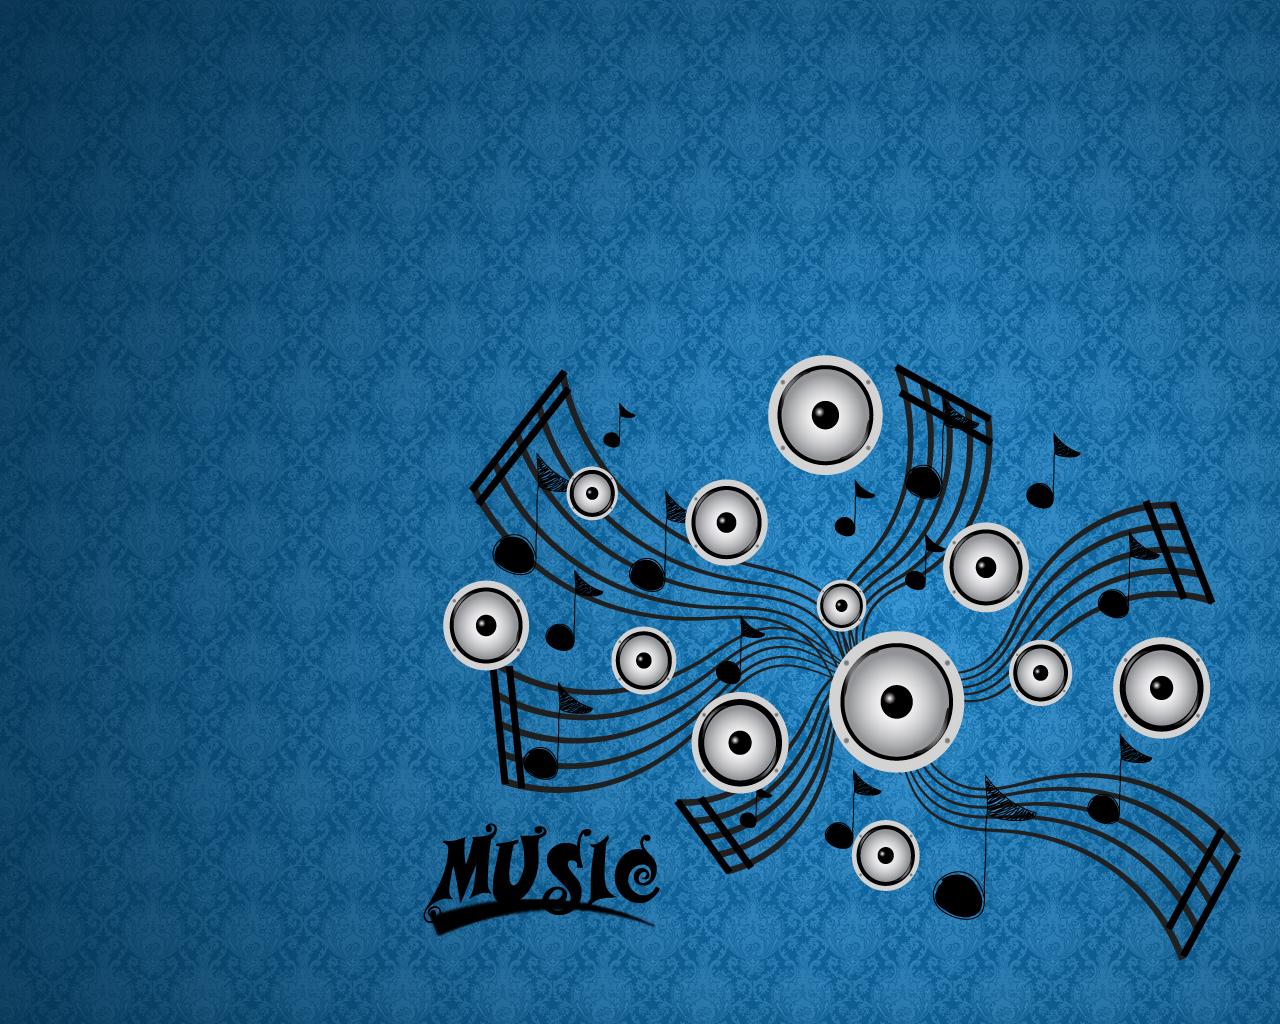 desktop wallpaper music themes wallpapersafari